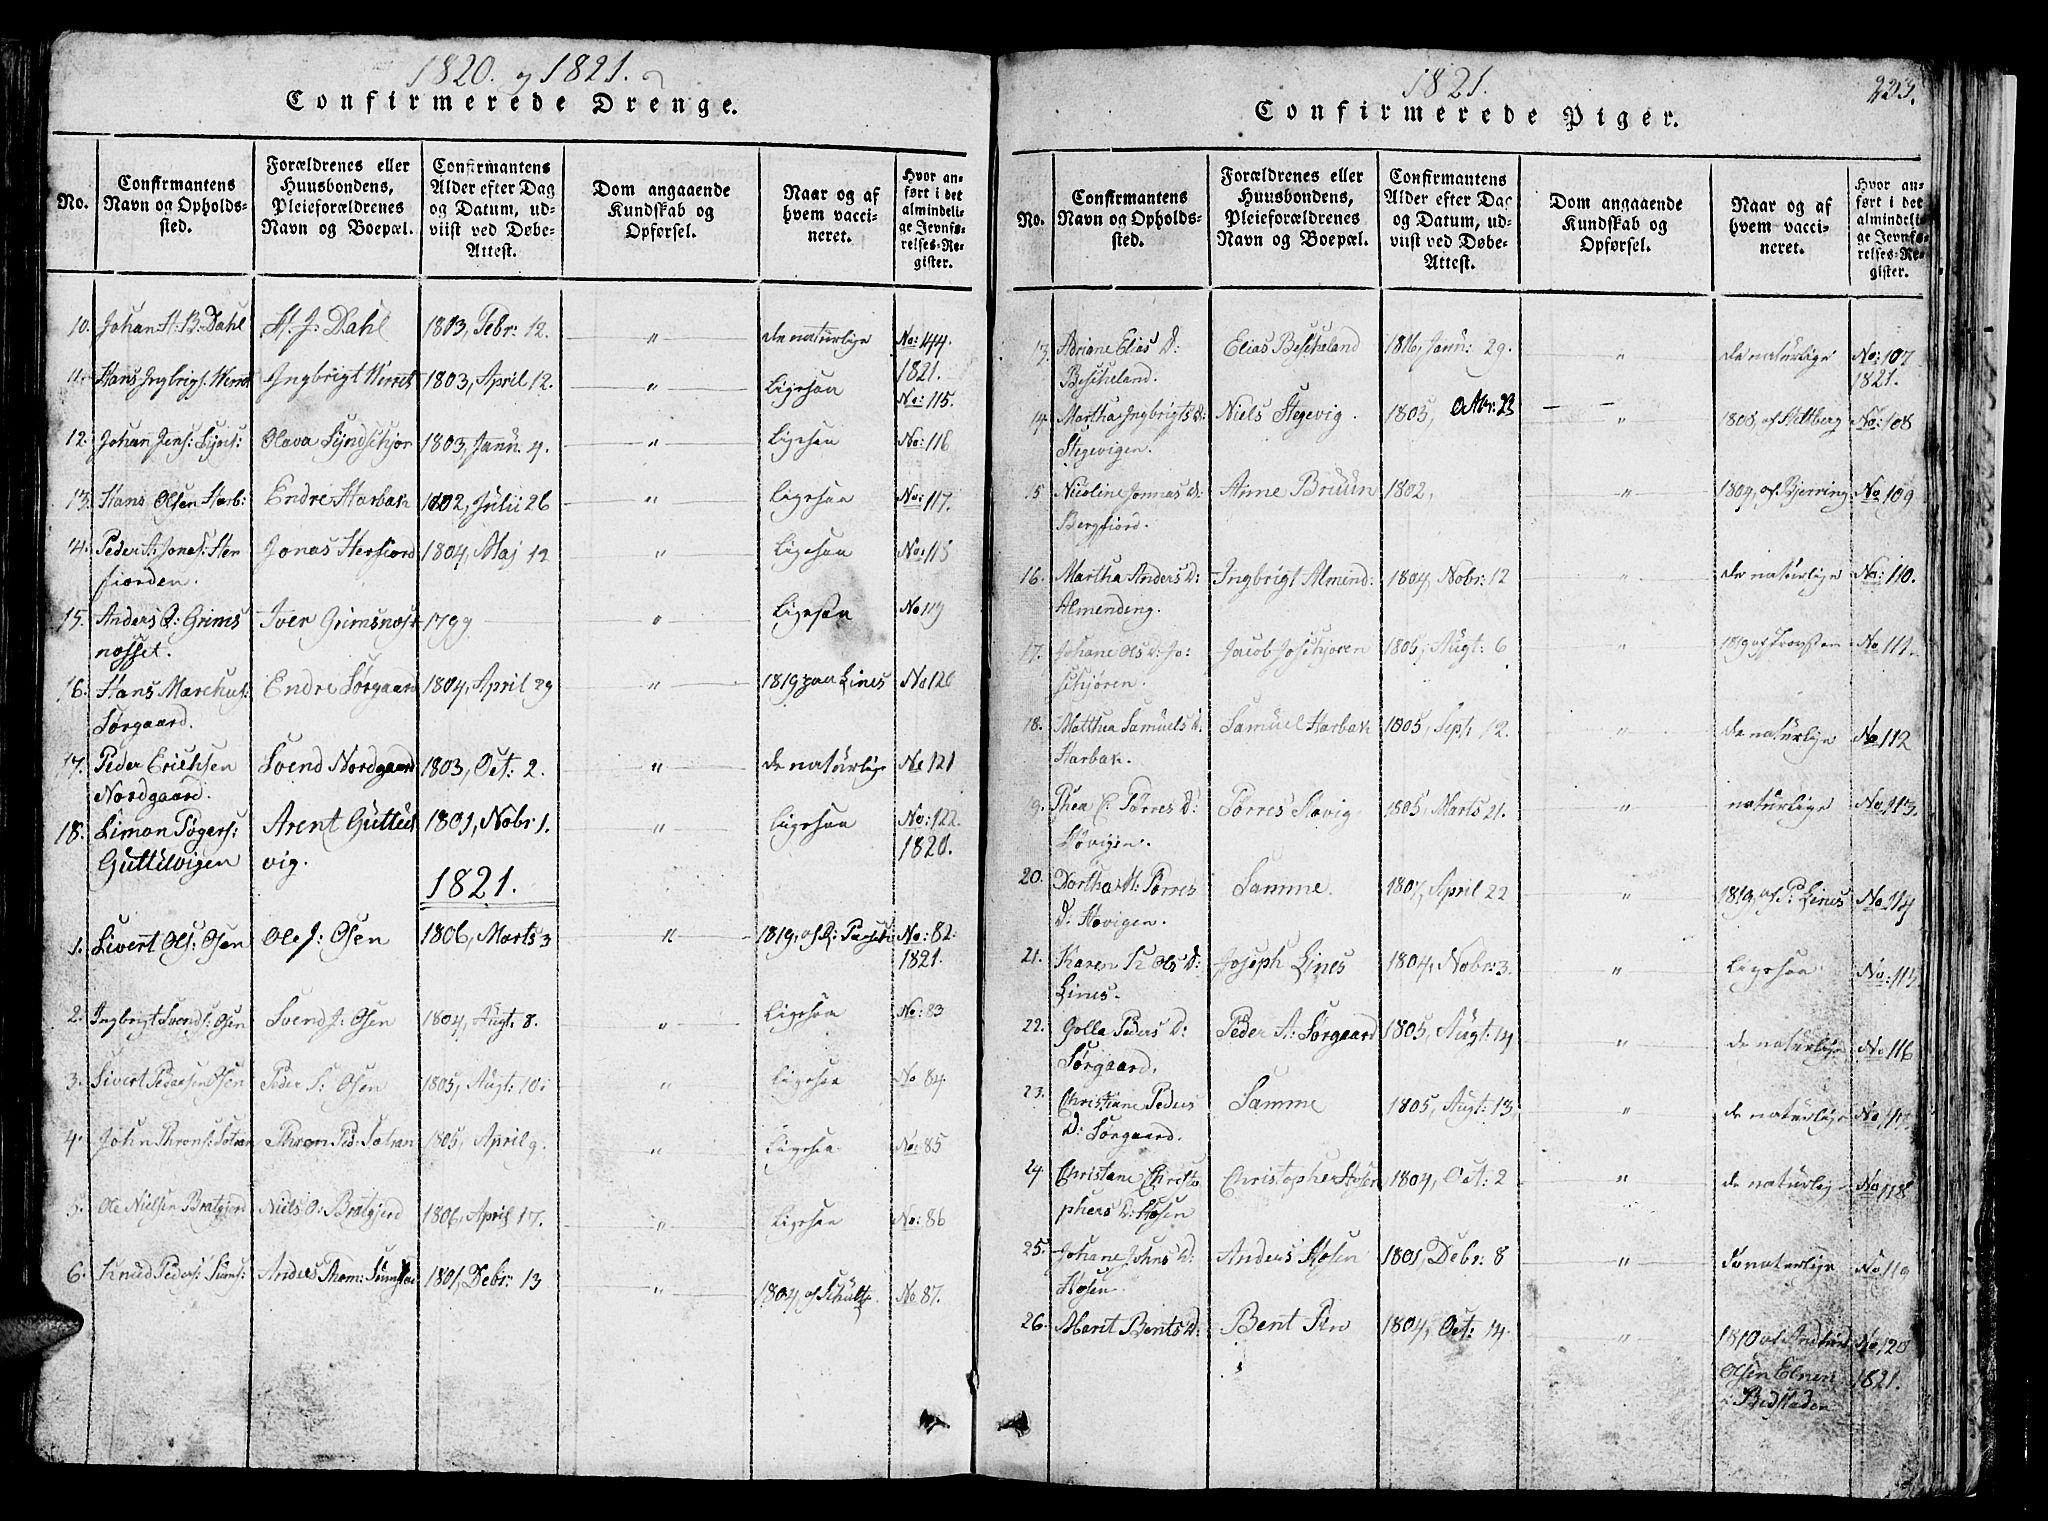 SAT, Ministerialprotokoller, klokkerbøker og fødselsregistre - Sør-Trøndelag, 657/L0714: Klokkerbok nr. 657C01, 1818-1868, s. 235